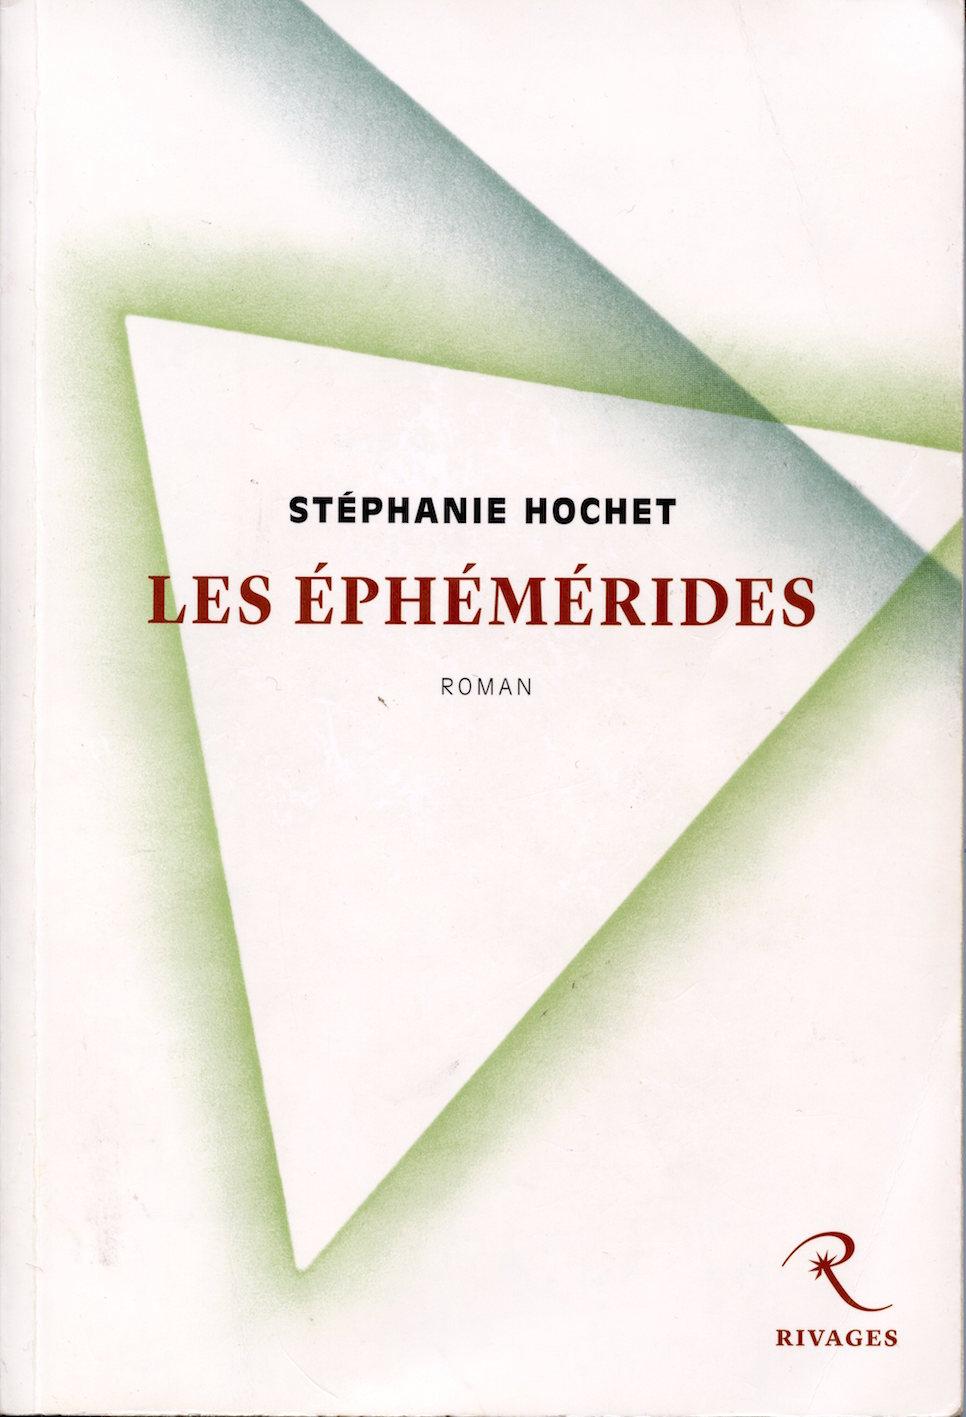 Mthode de la dissertation - Etudes littraires